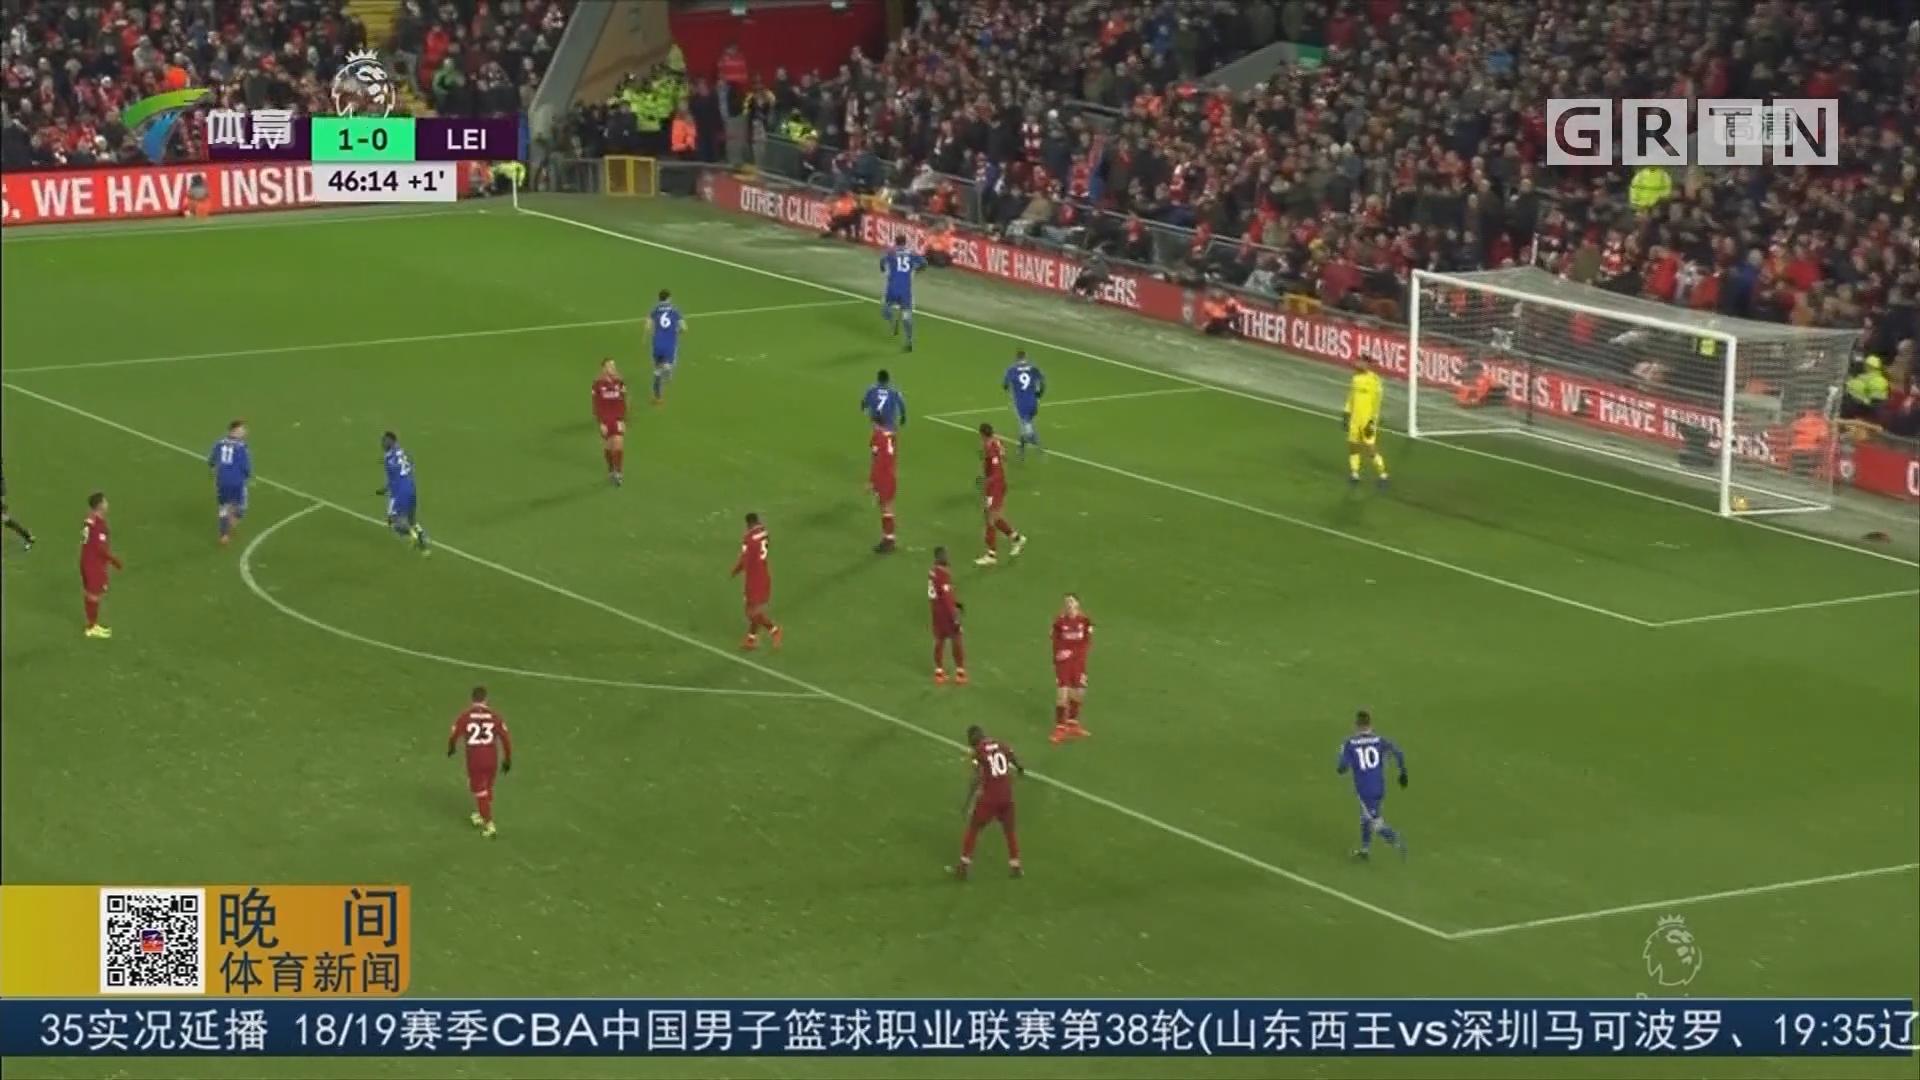 意外!利物浦主场遭逼平